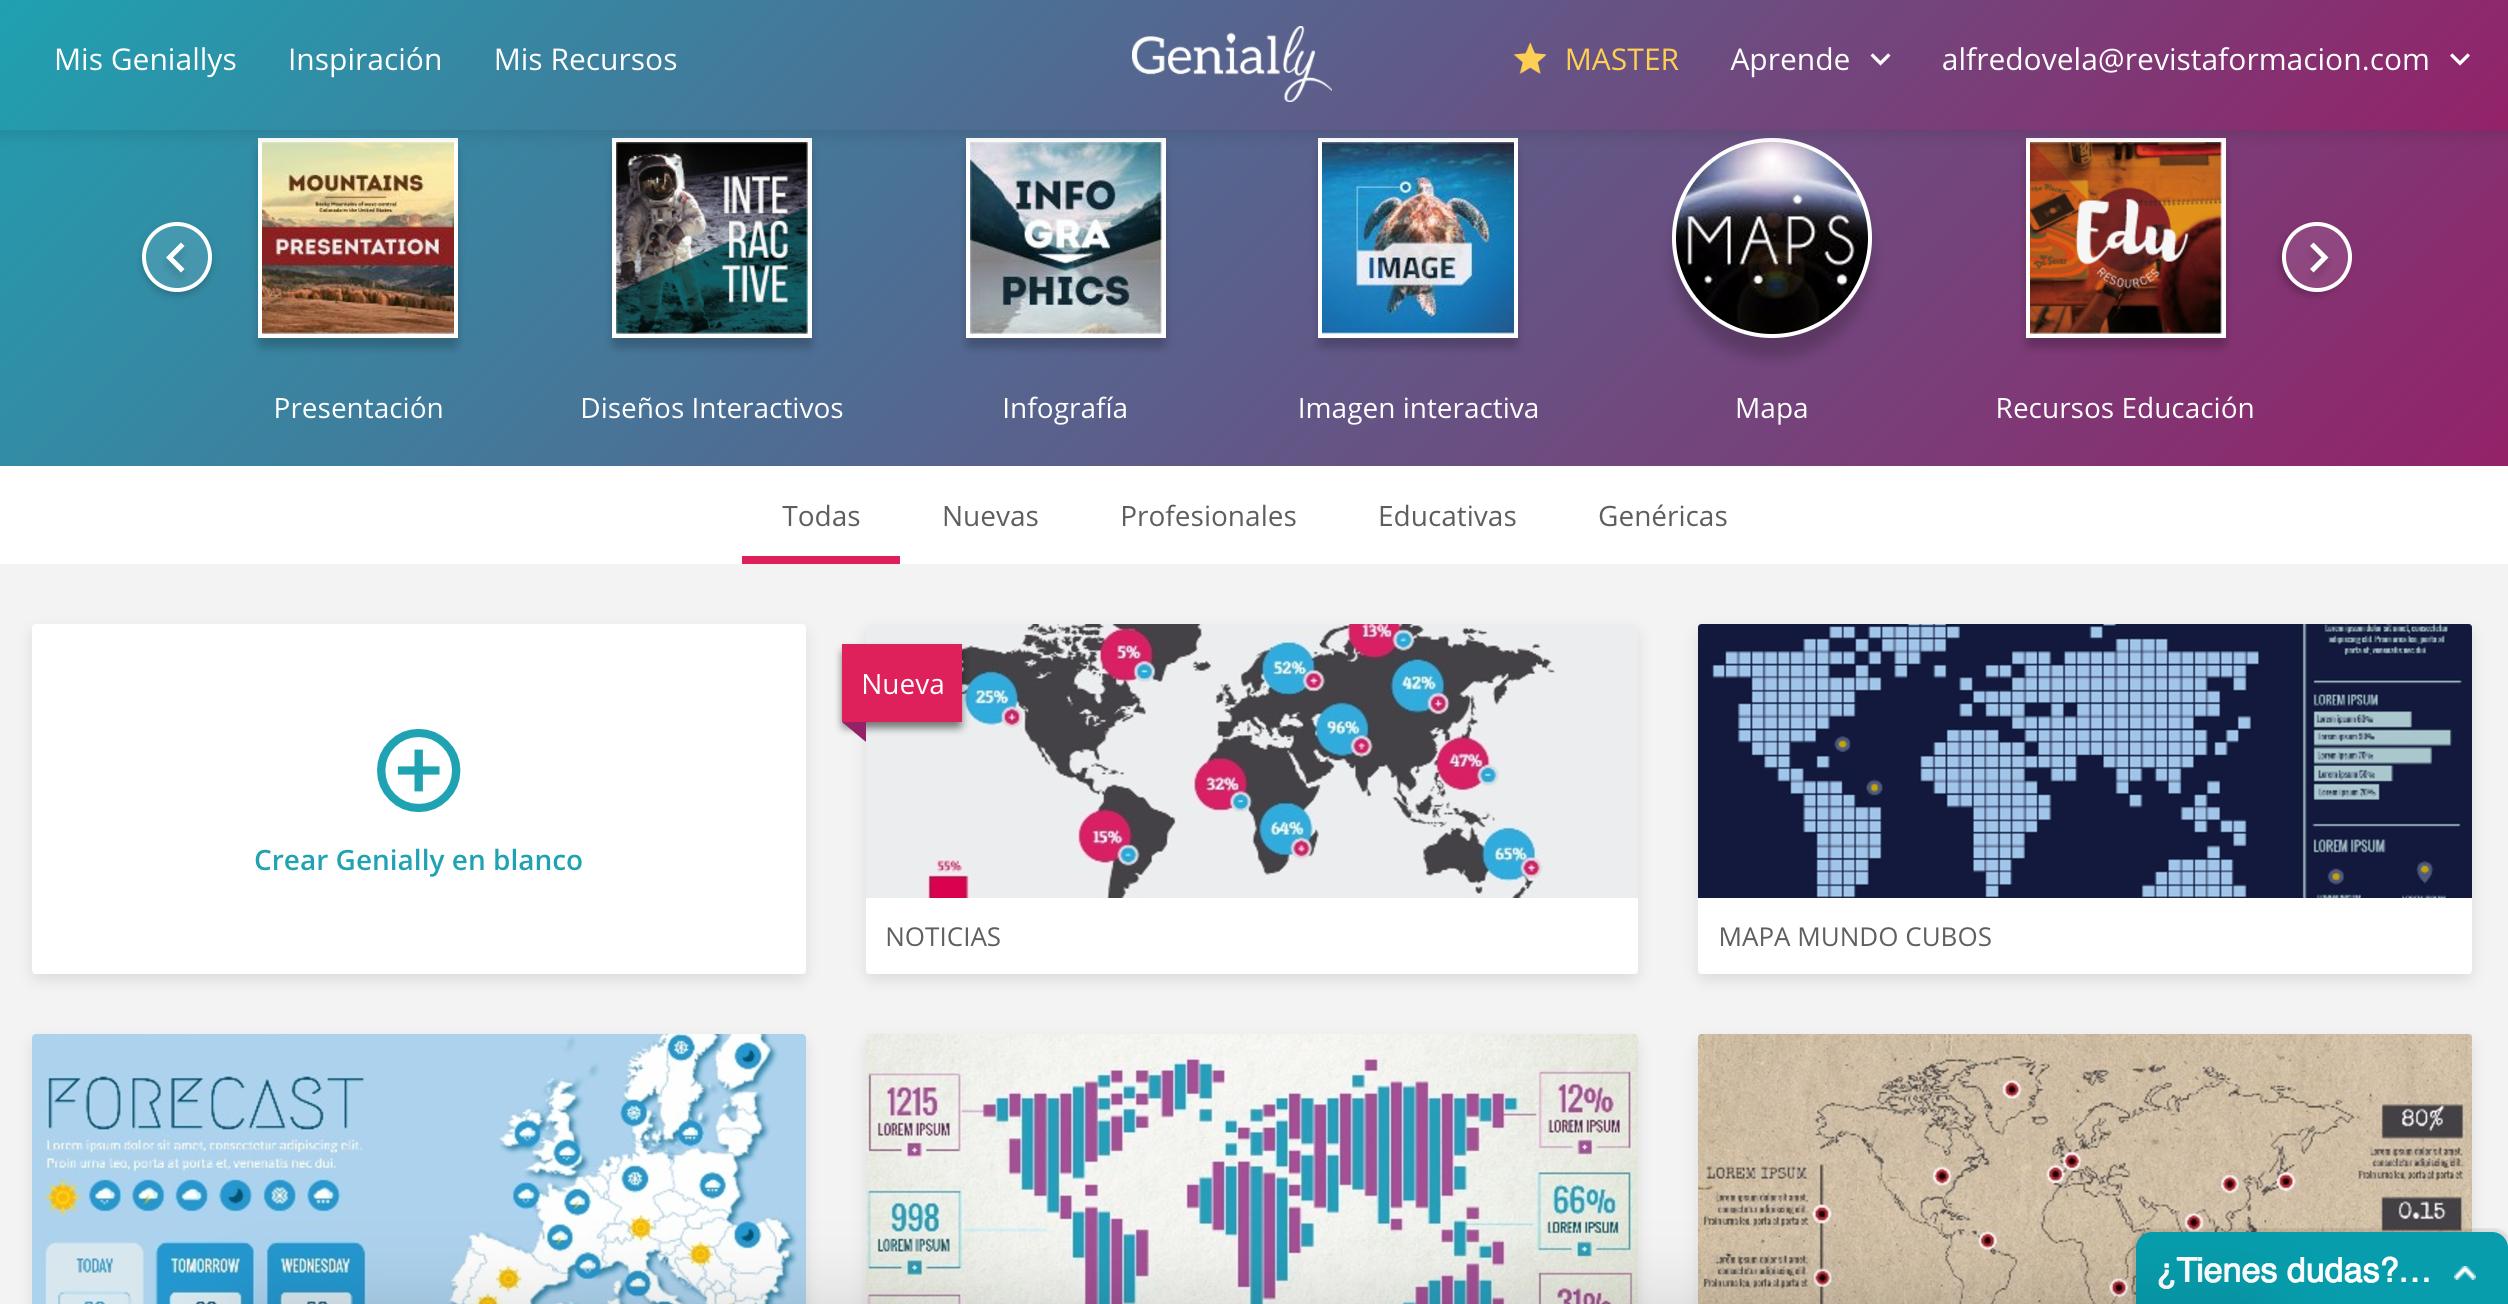 Genial.ly: 8 plantillas y 1 ejemplo de Mapas interactivos #infografia #infographic #maps